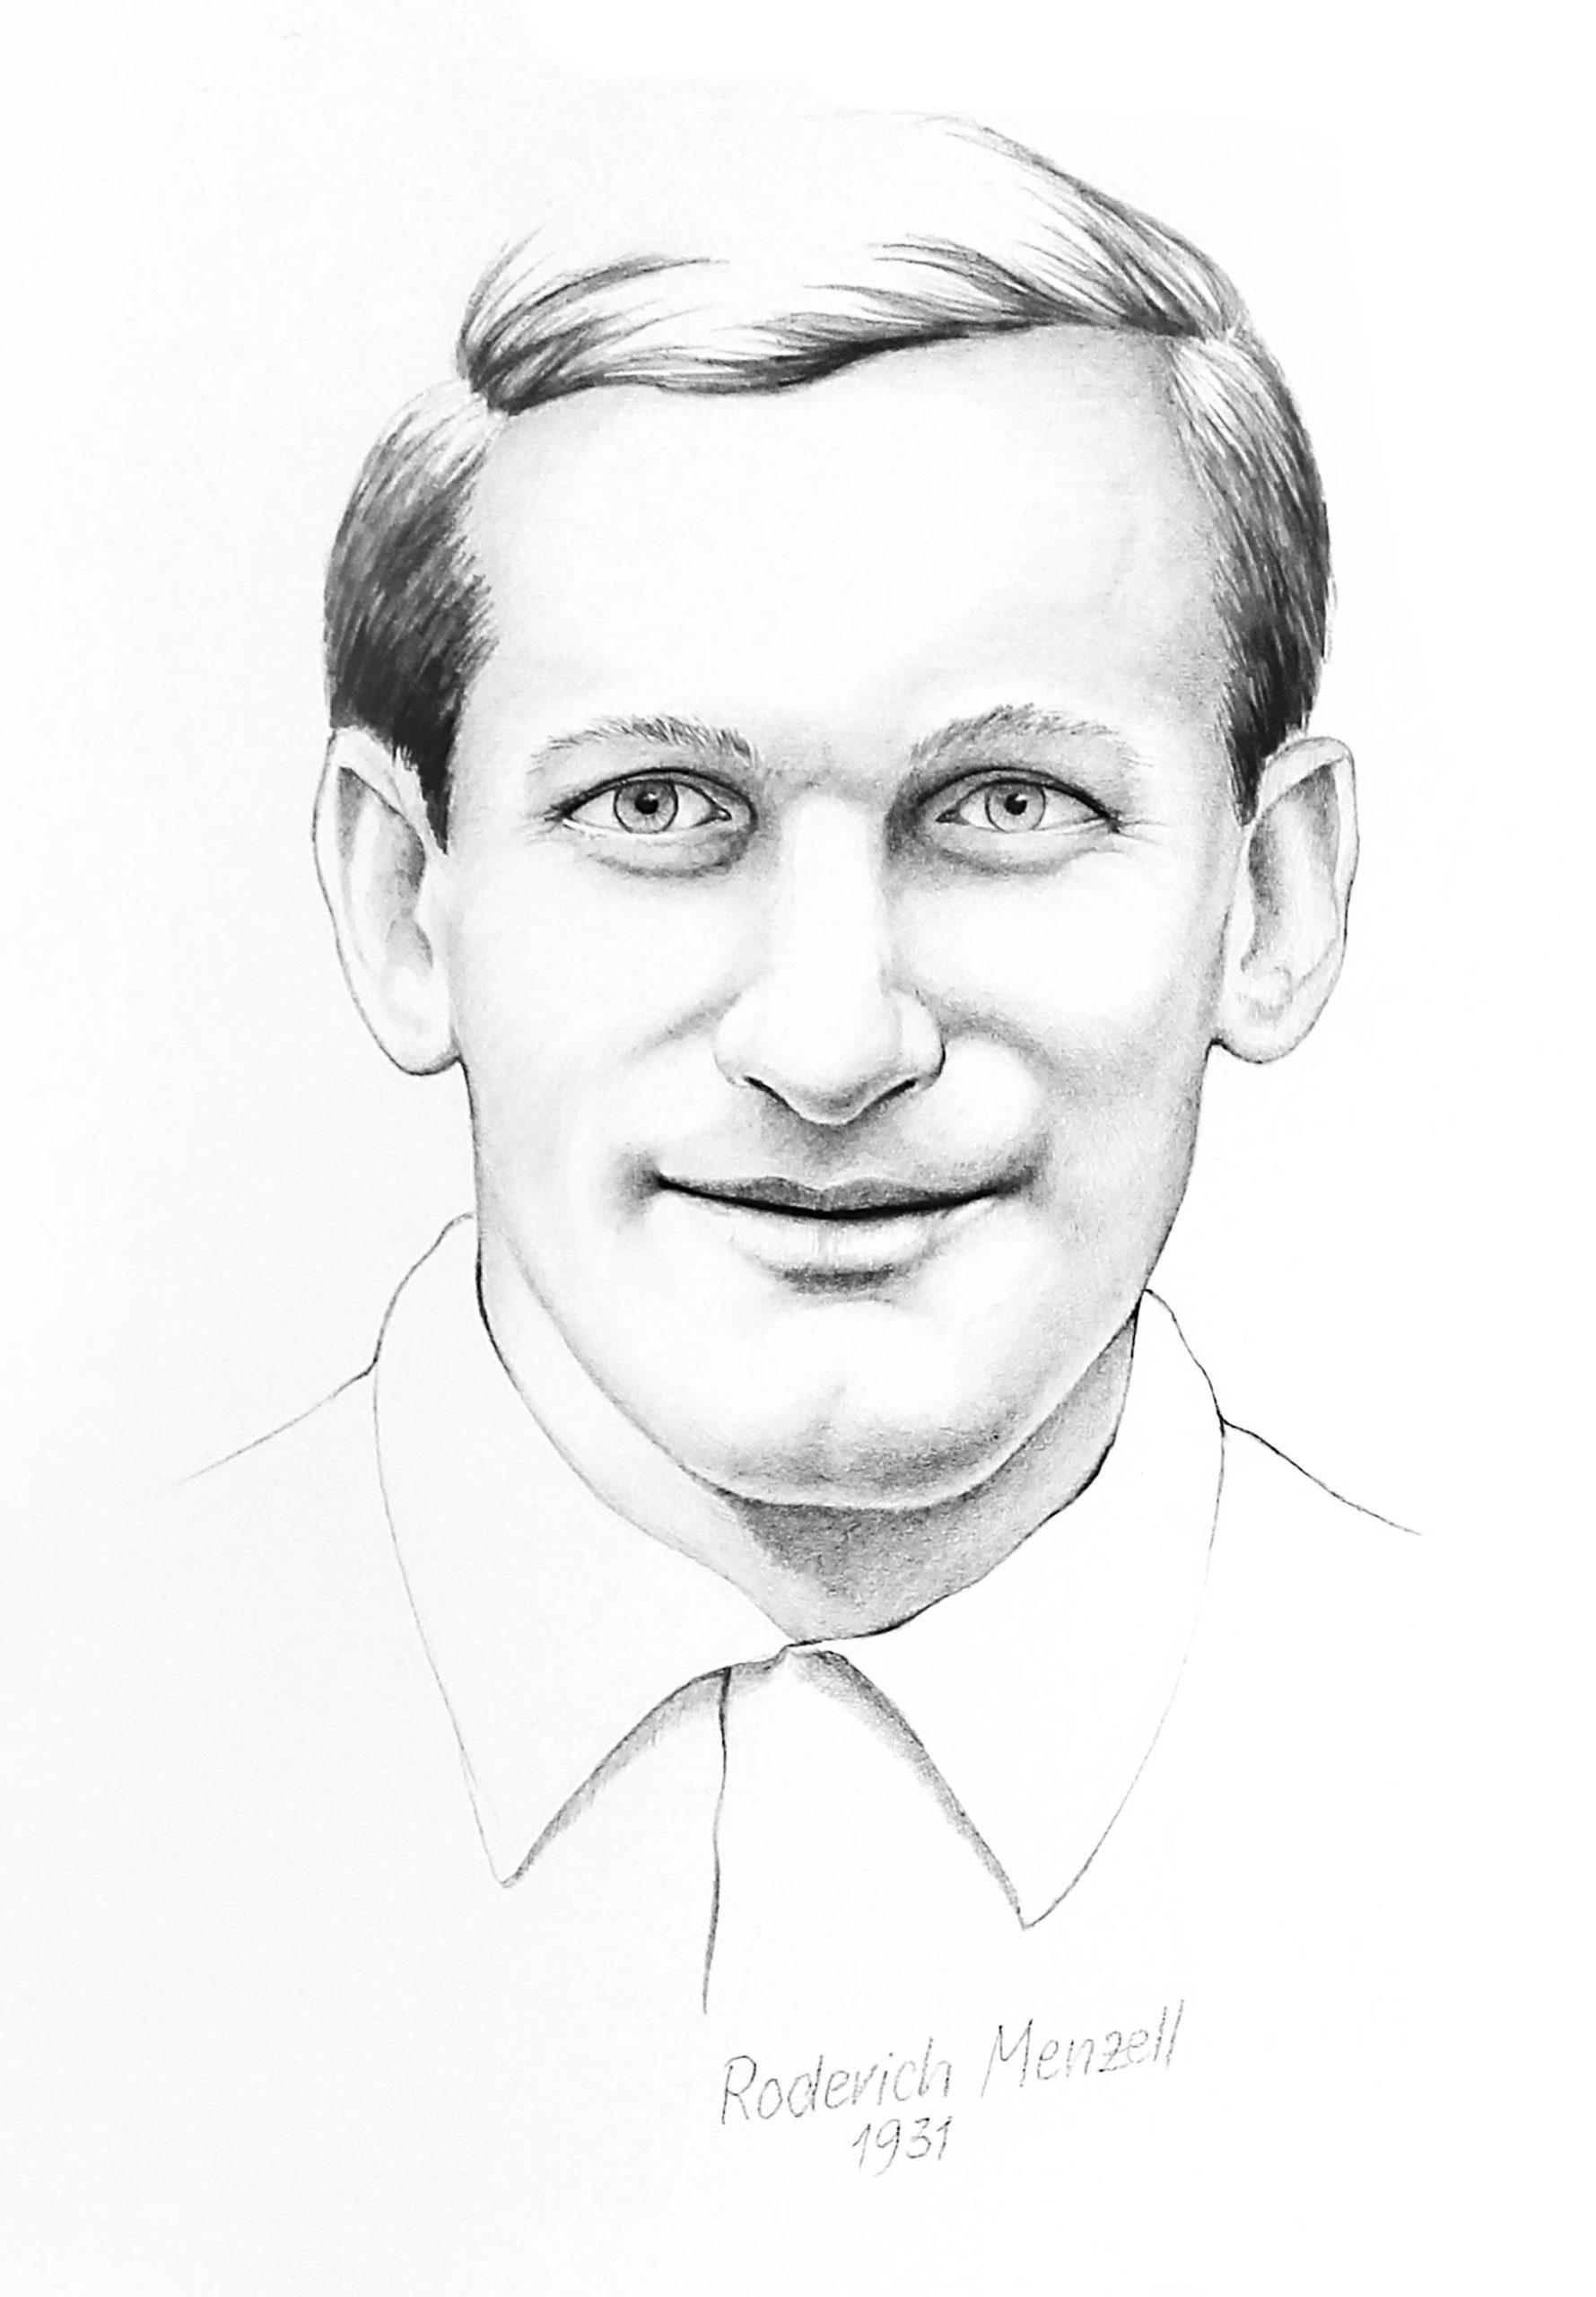 Roderich Menzel